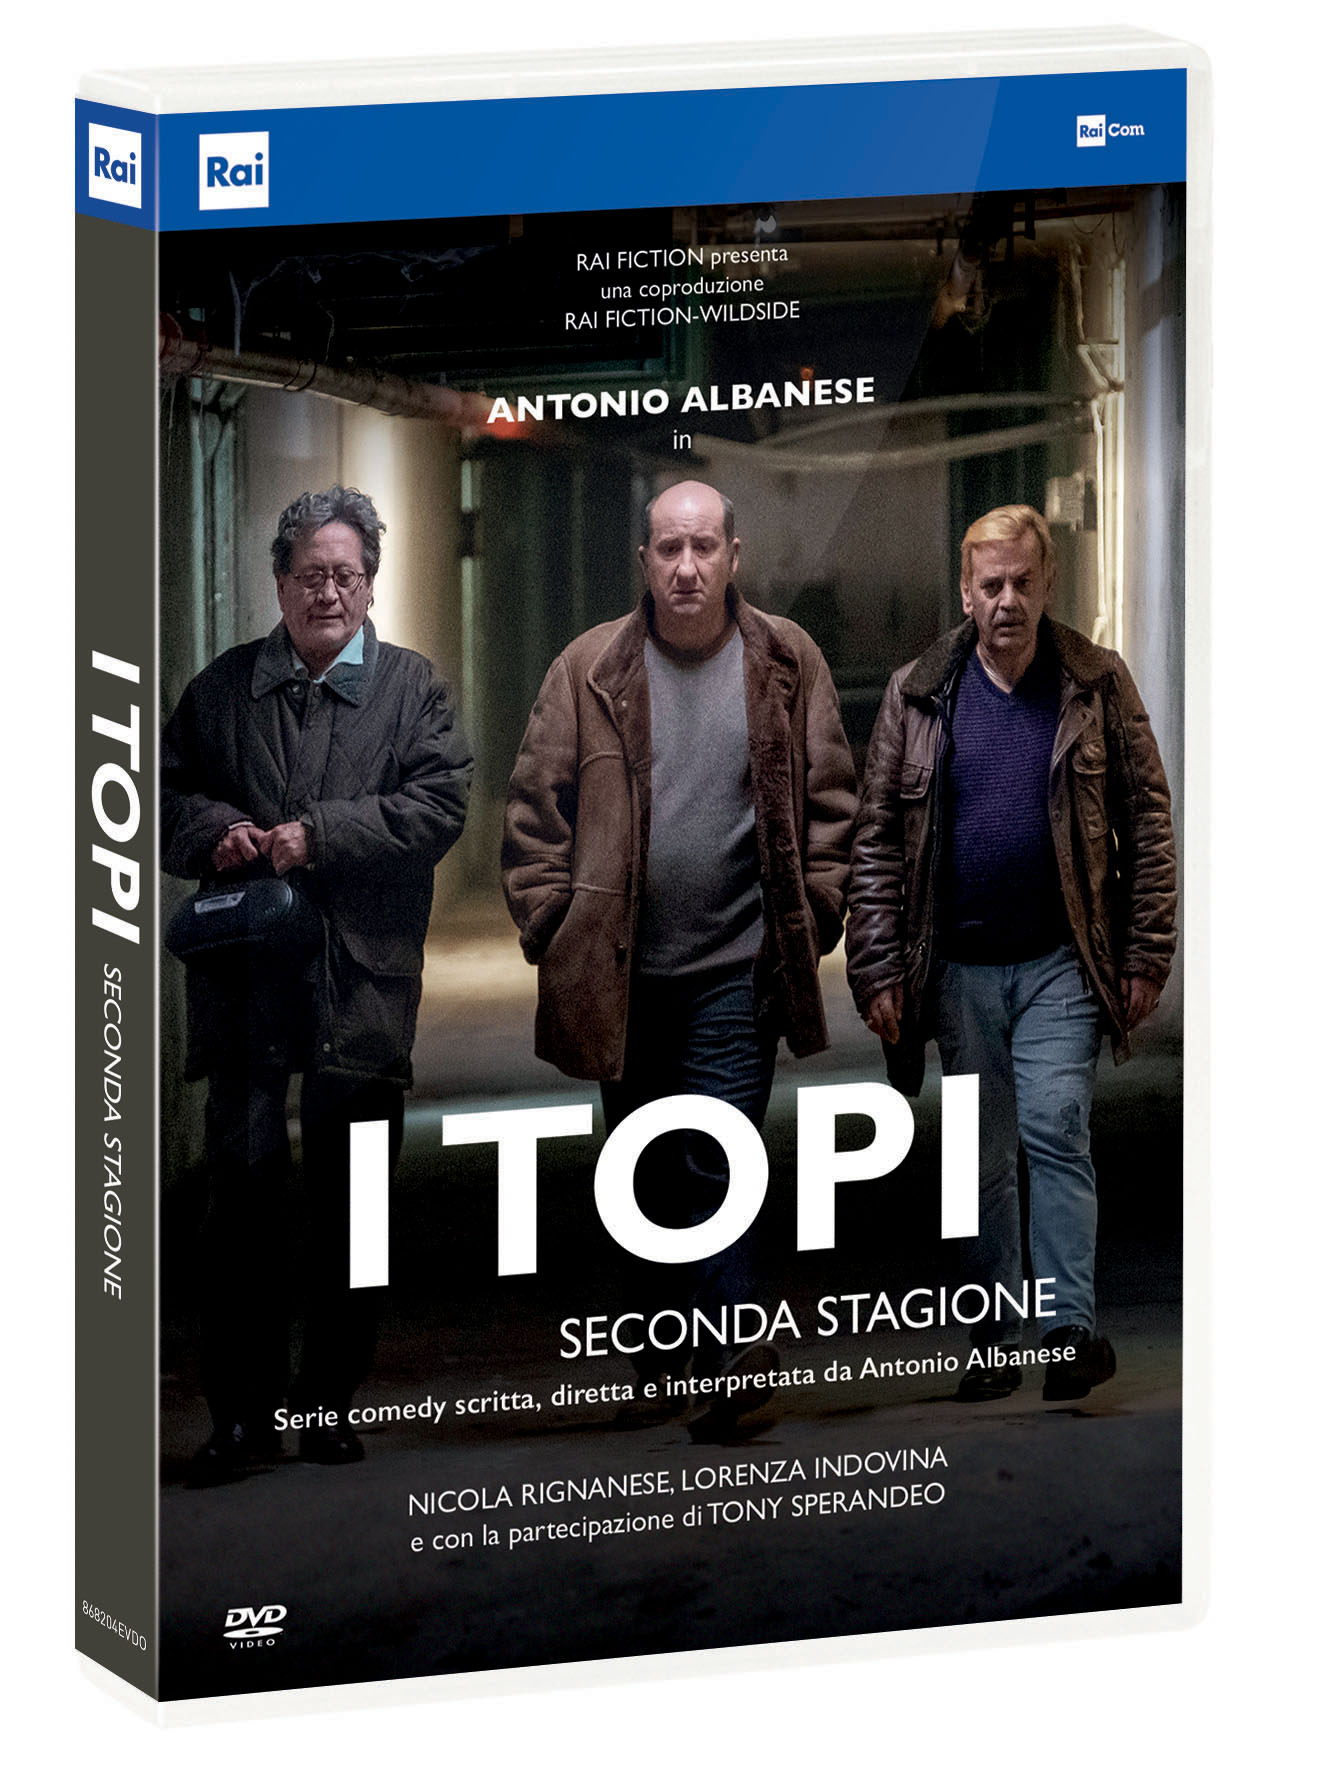 COF.I TOPI - SECONDA STAGIONE (DVD)